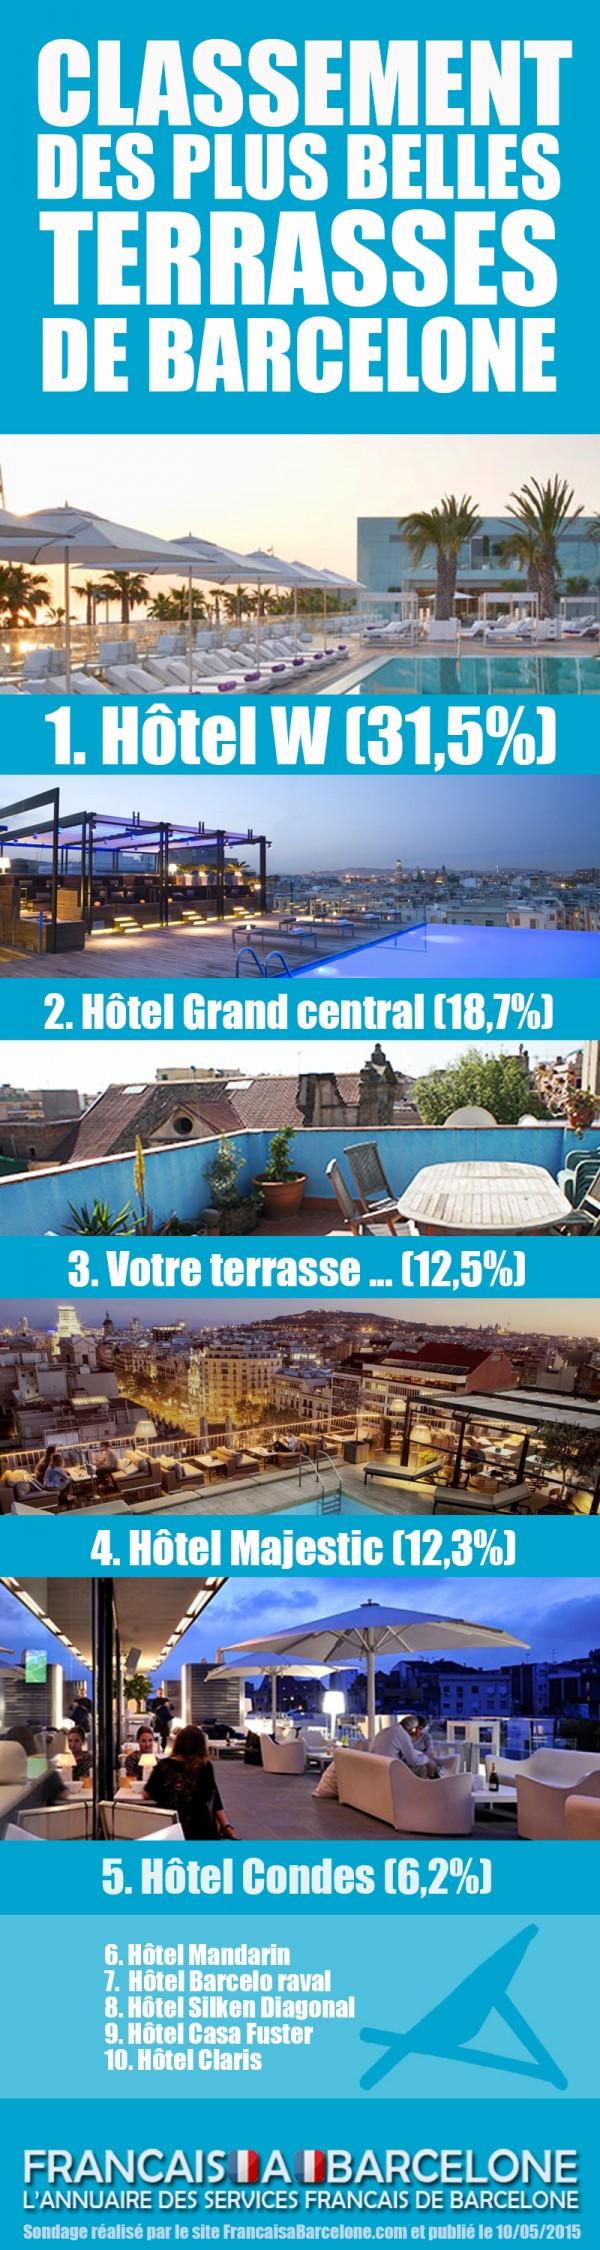 les plus belles Terrasses-barcelone-infographie